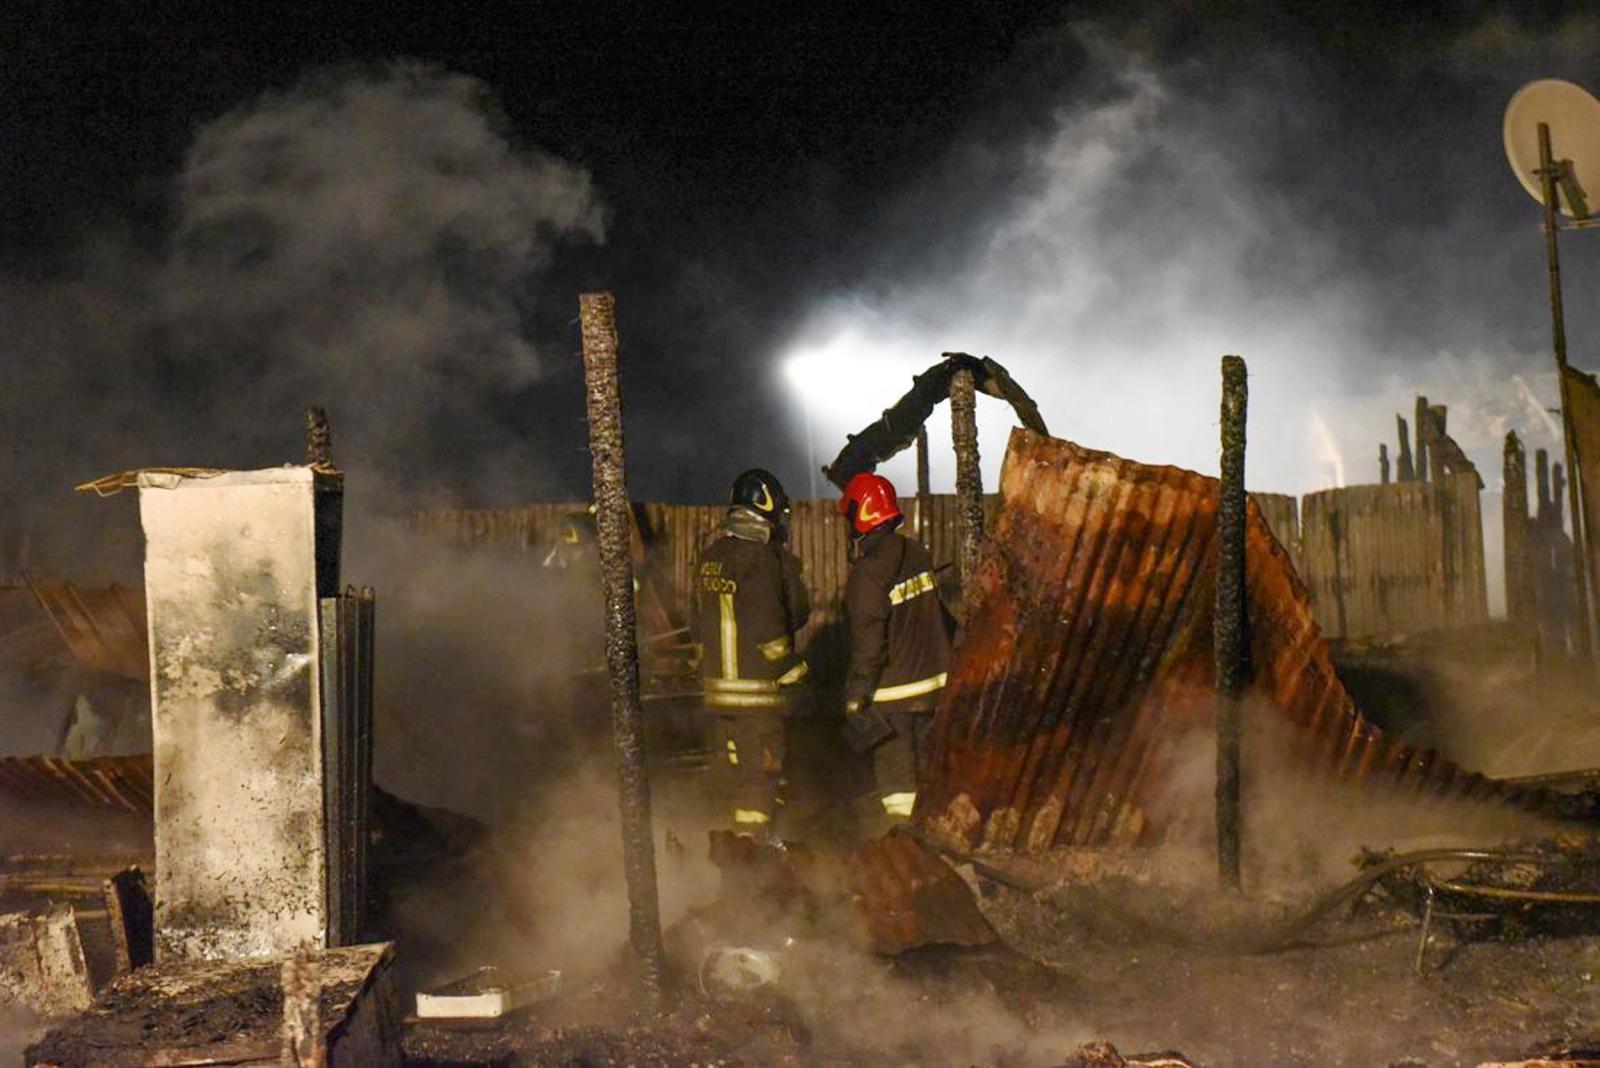 Pożar w obozie dla uchodźców w Rignano Garganico we Włoszech. Fot. PAP/EPA/FRANCO CAUTILLO